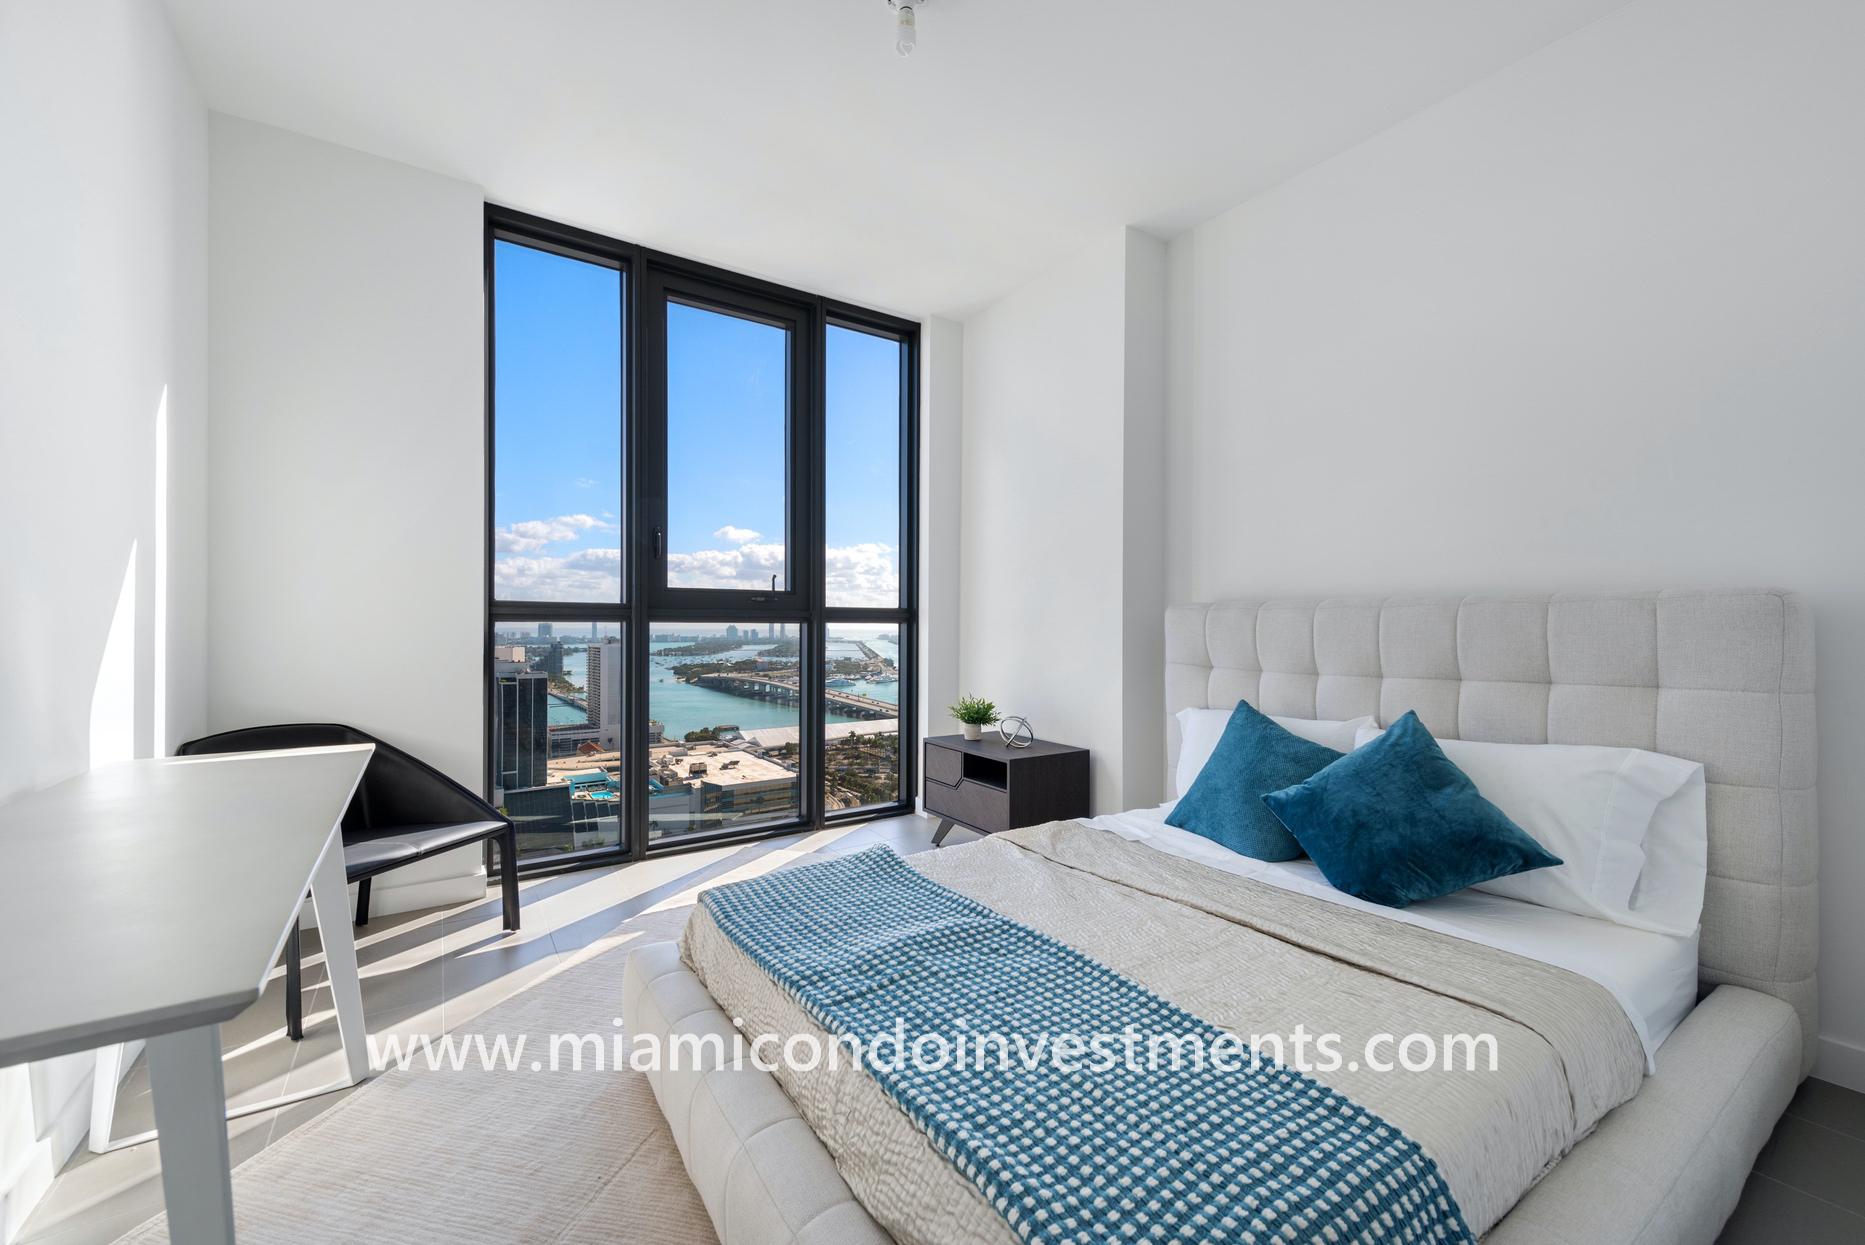 Canvas Miami bedroom